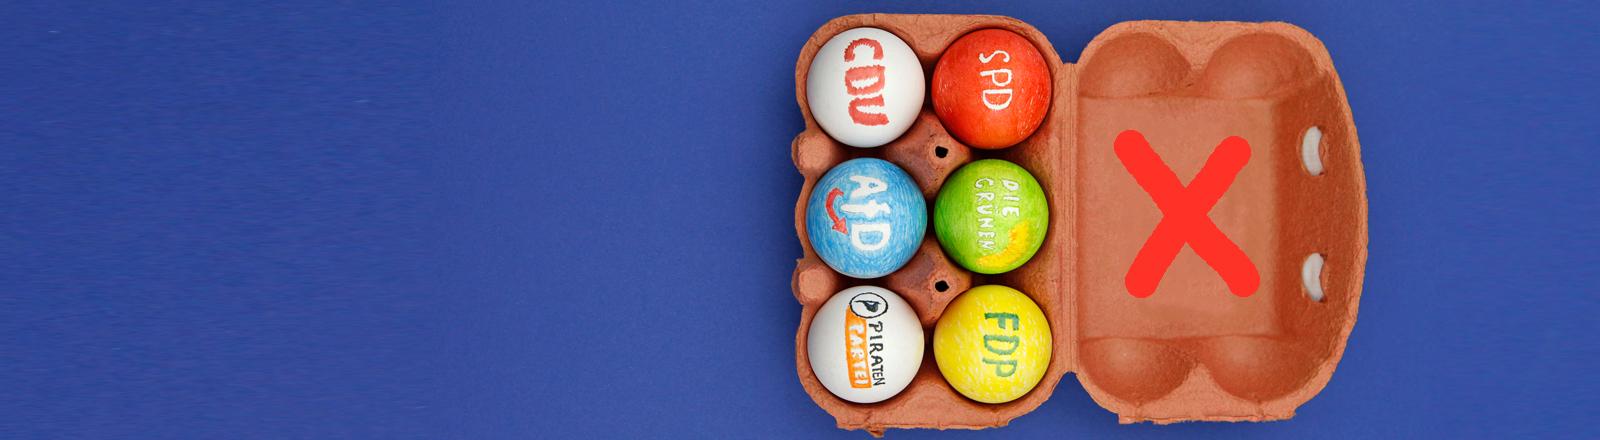 Bemalte Eier mit Parteien-Logos im Eierkarton